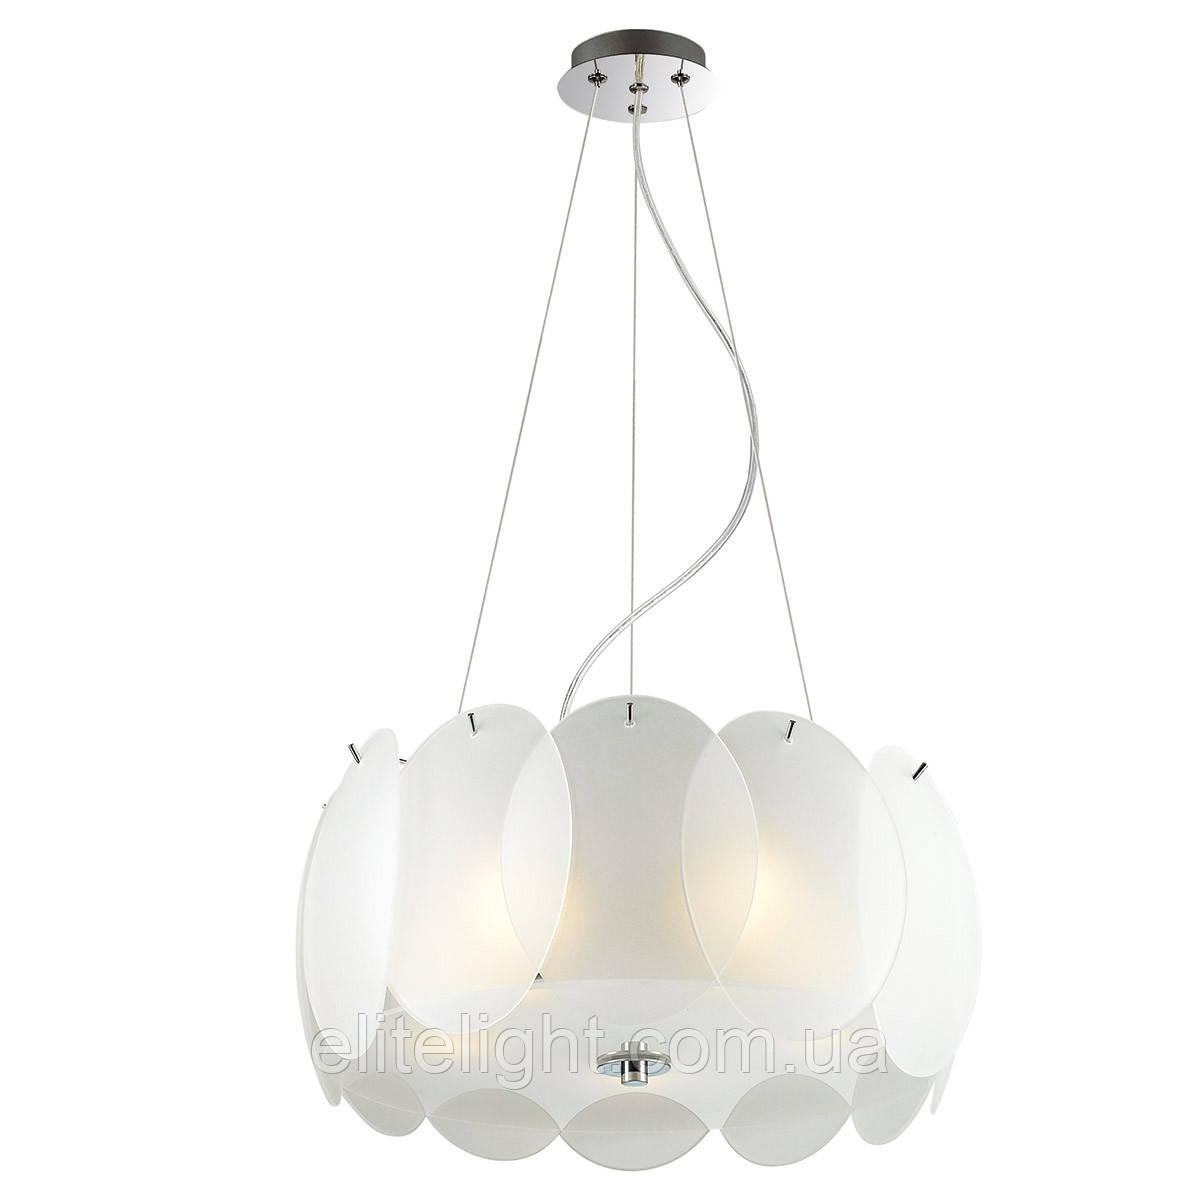 Подвесной светильник Italux ESSEO MA04143C-005-01